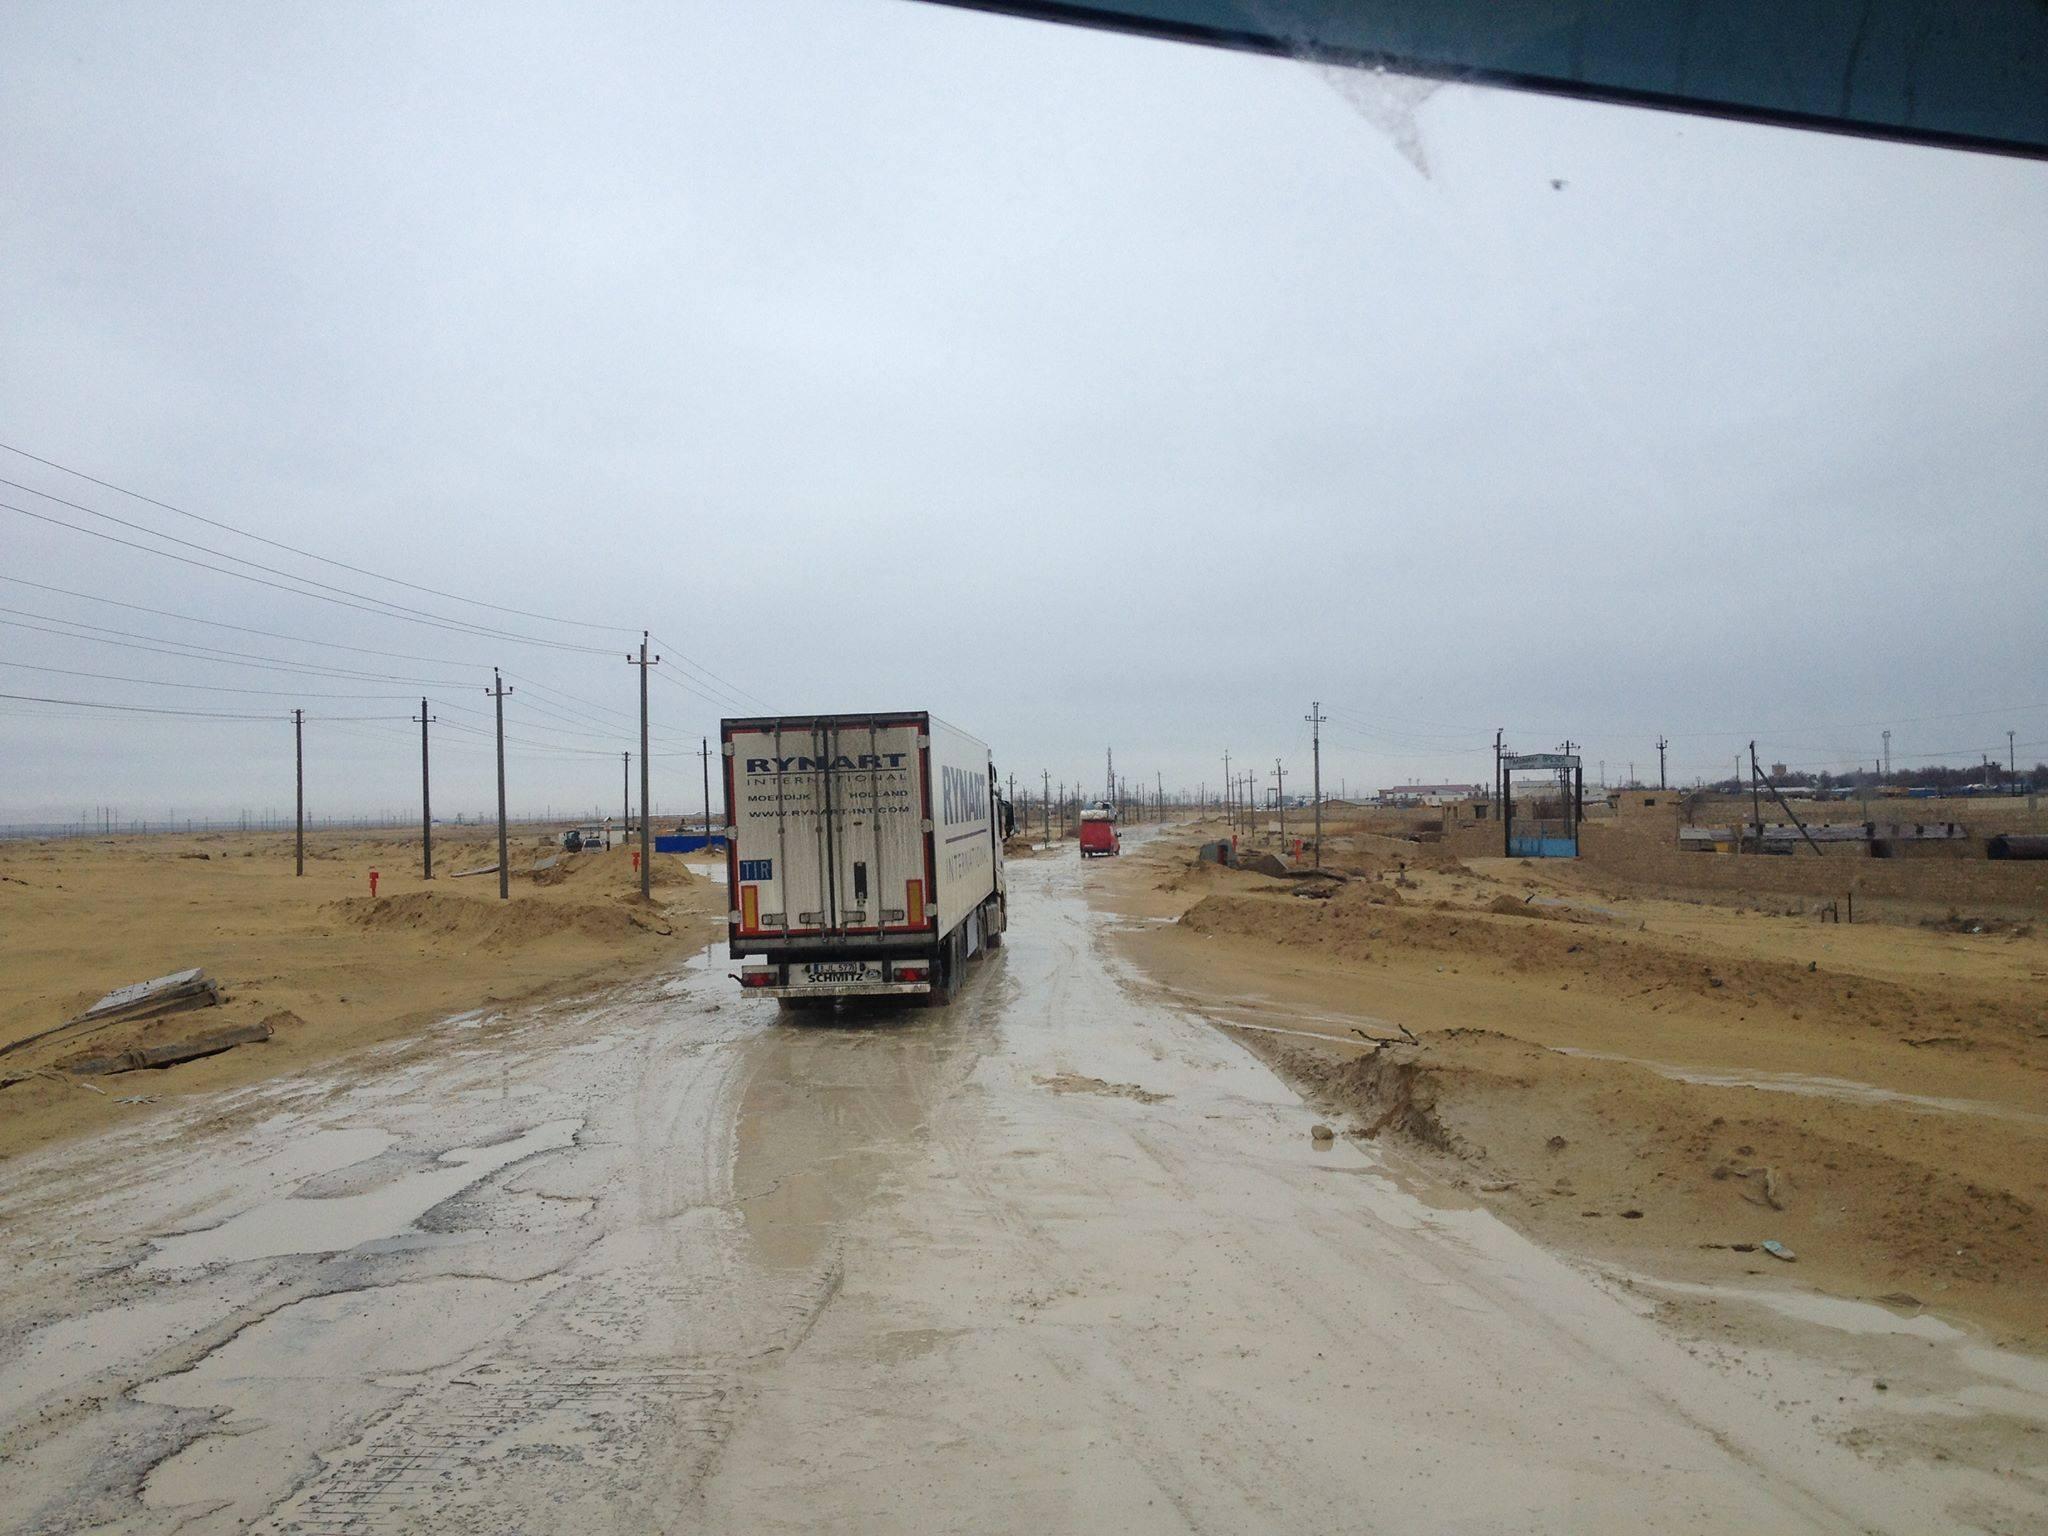 Een-paar-mooie-foto-s-van-onze-trucks-in-zuid-kazachstan--deze-week--op-weg-van-nederland-naar-kabul--afghanistan-voedsel-brengen-aan-de-navo-soldaten-slechte-wegen-he--foto-s-gemaakt-Seyhun-1-4-201913